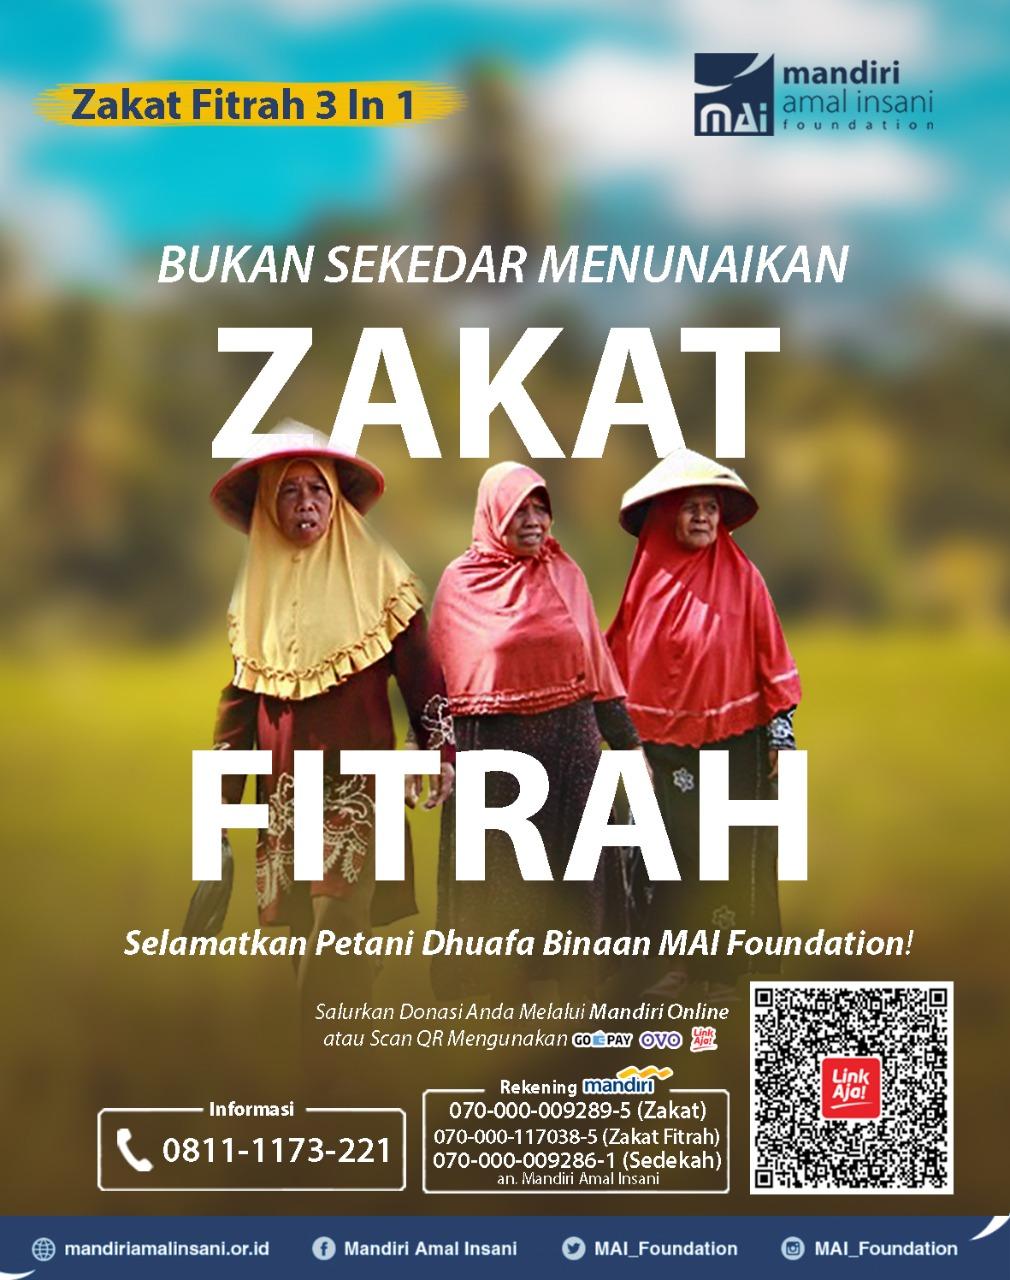 Bukan Sekedar Zakat Fitrah - Badan Amil Zakat - MAI Foundation